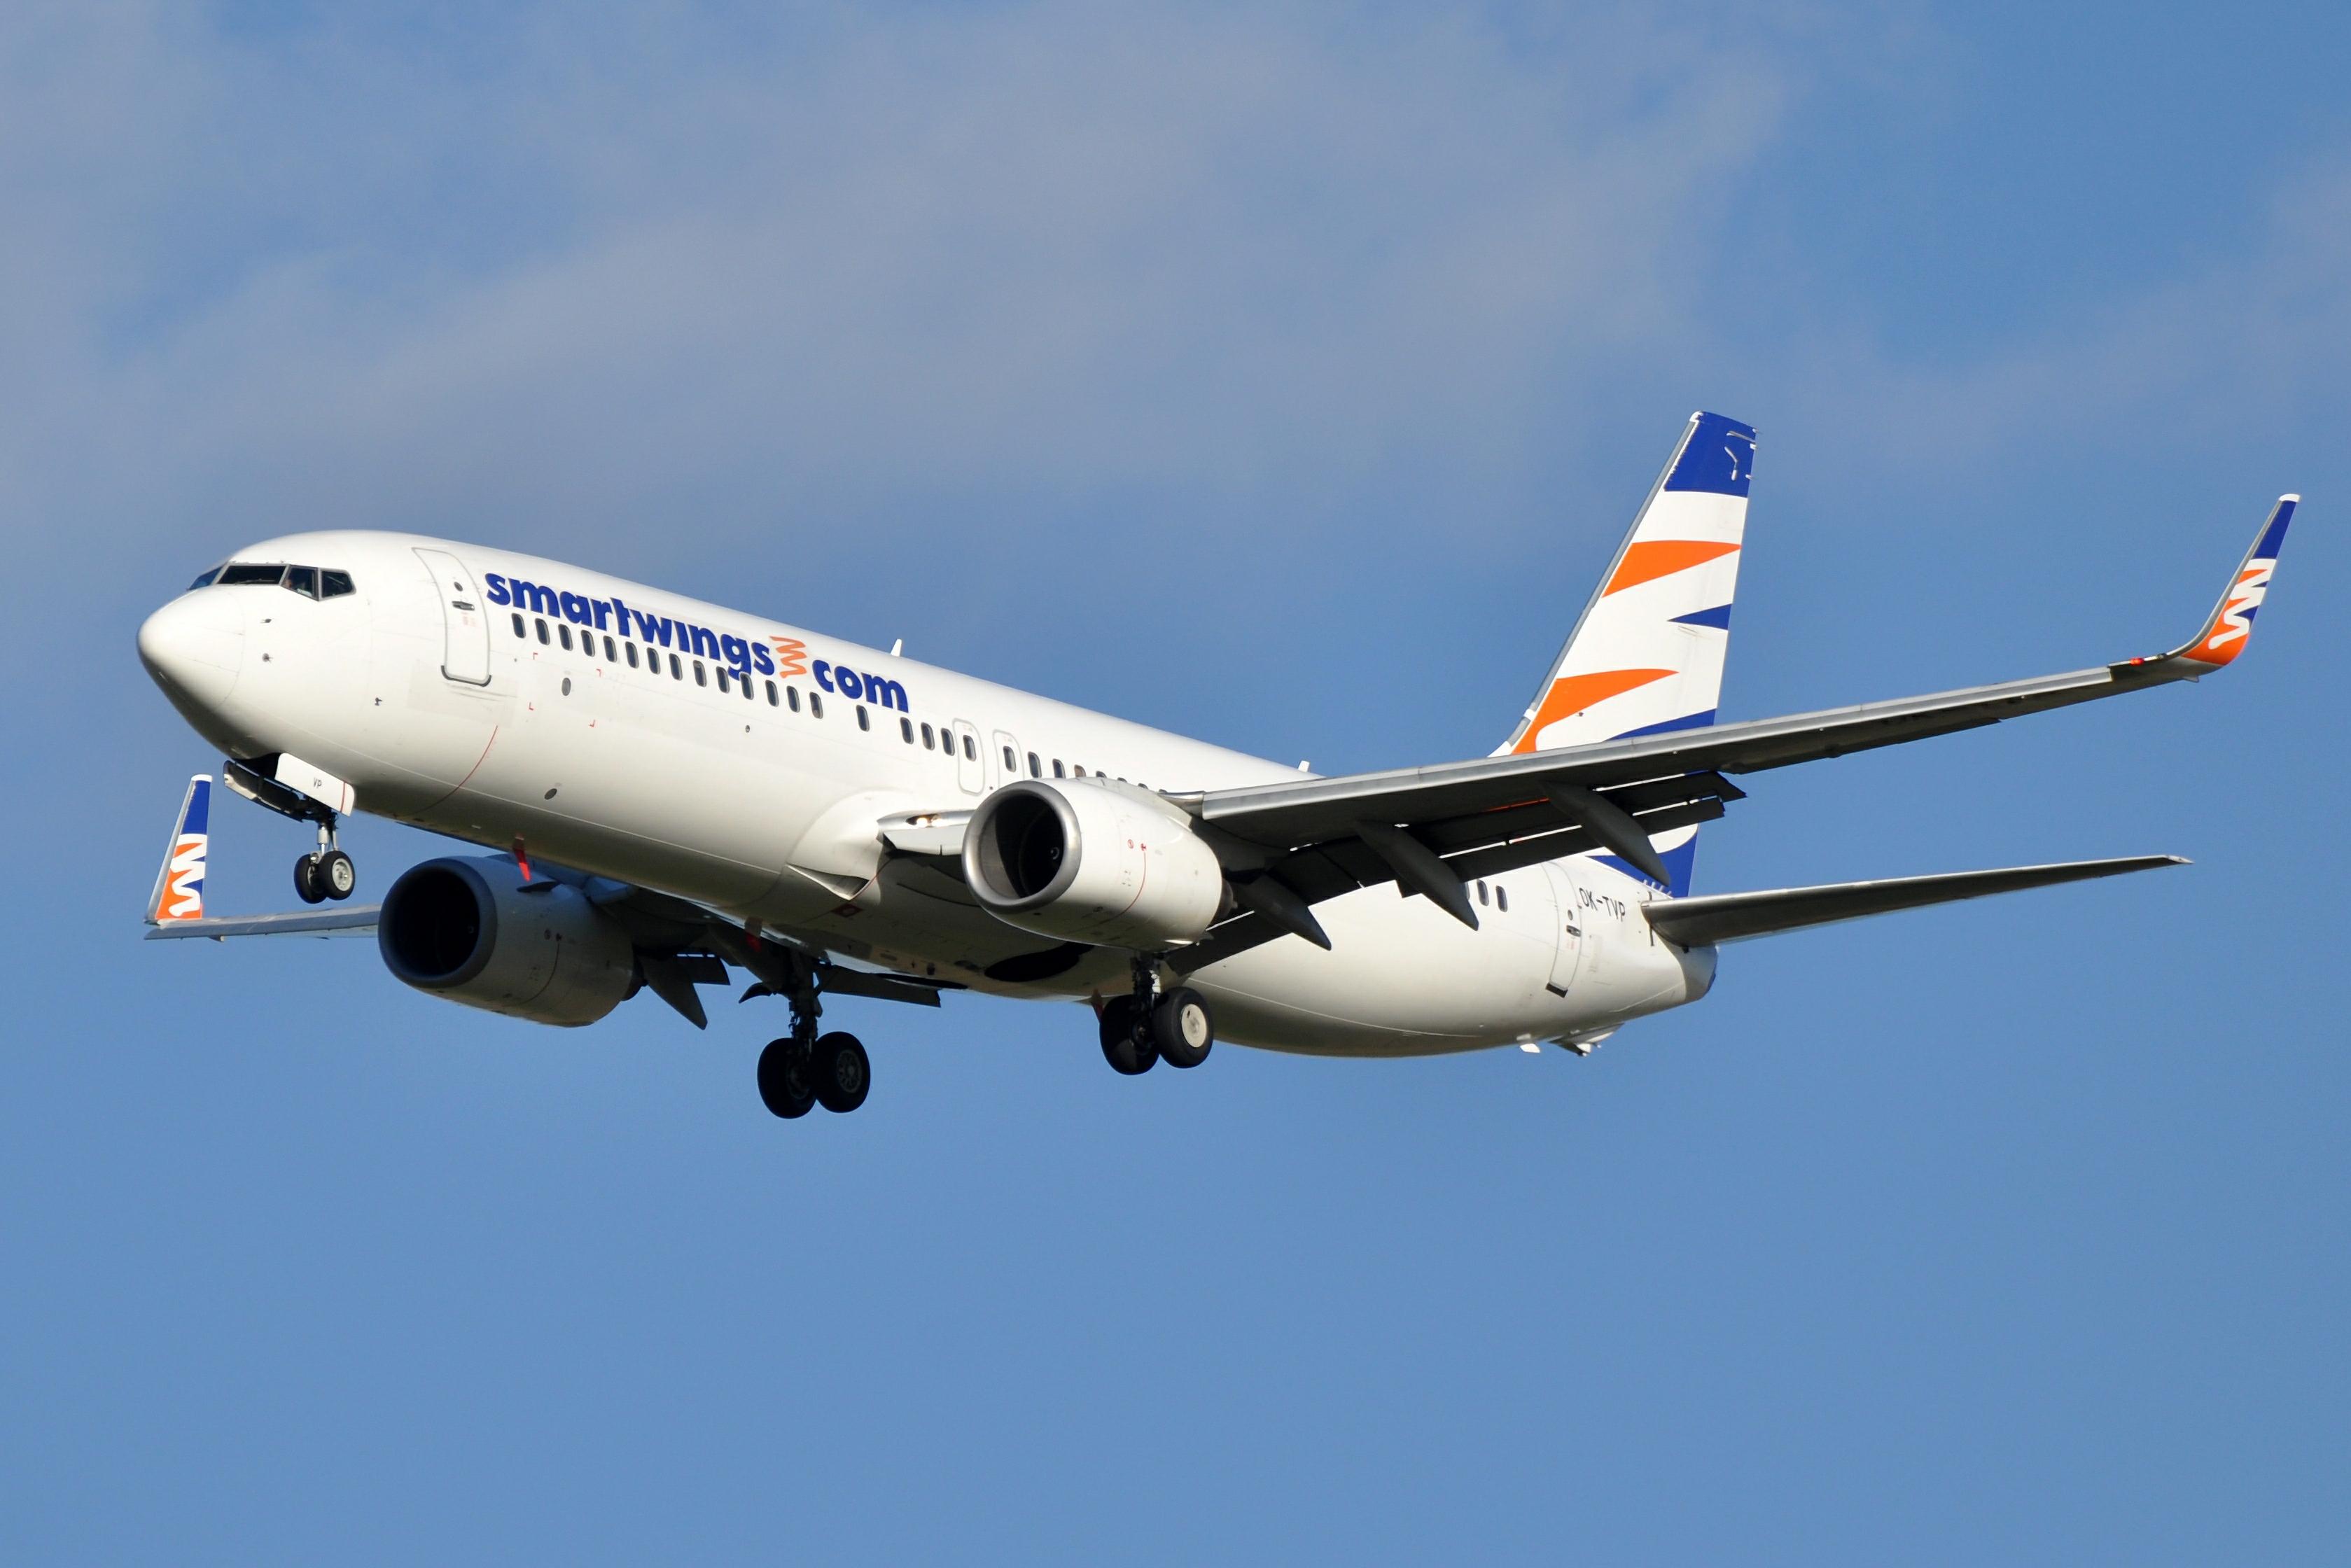 En Boeing 737-800 fra det tjekkiske flyselskab Smartwings. Foto: Eric Salard